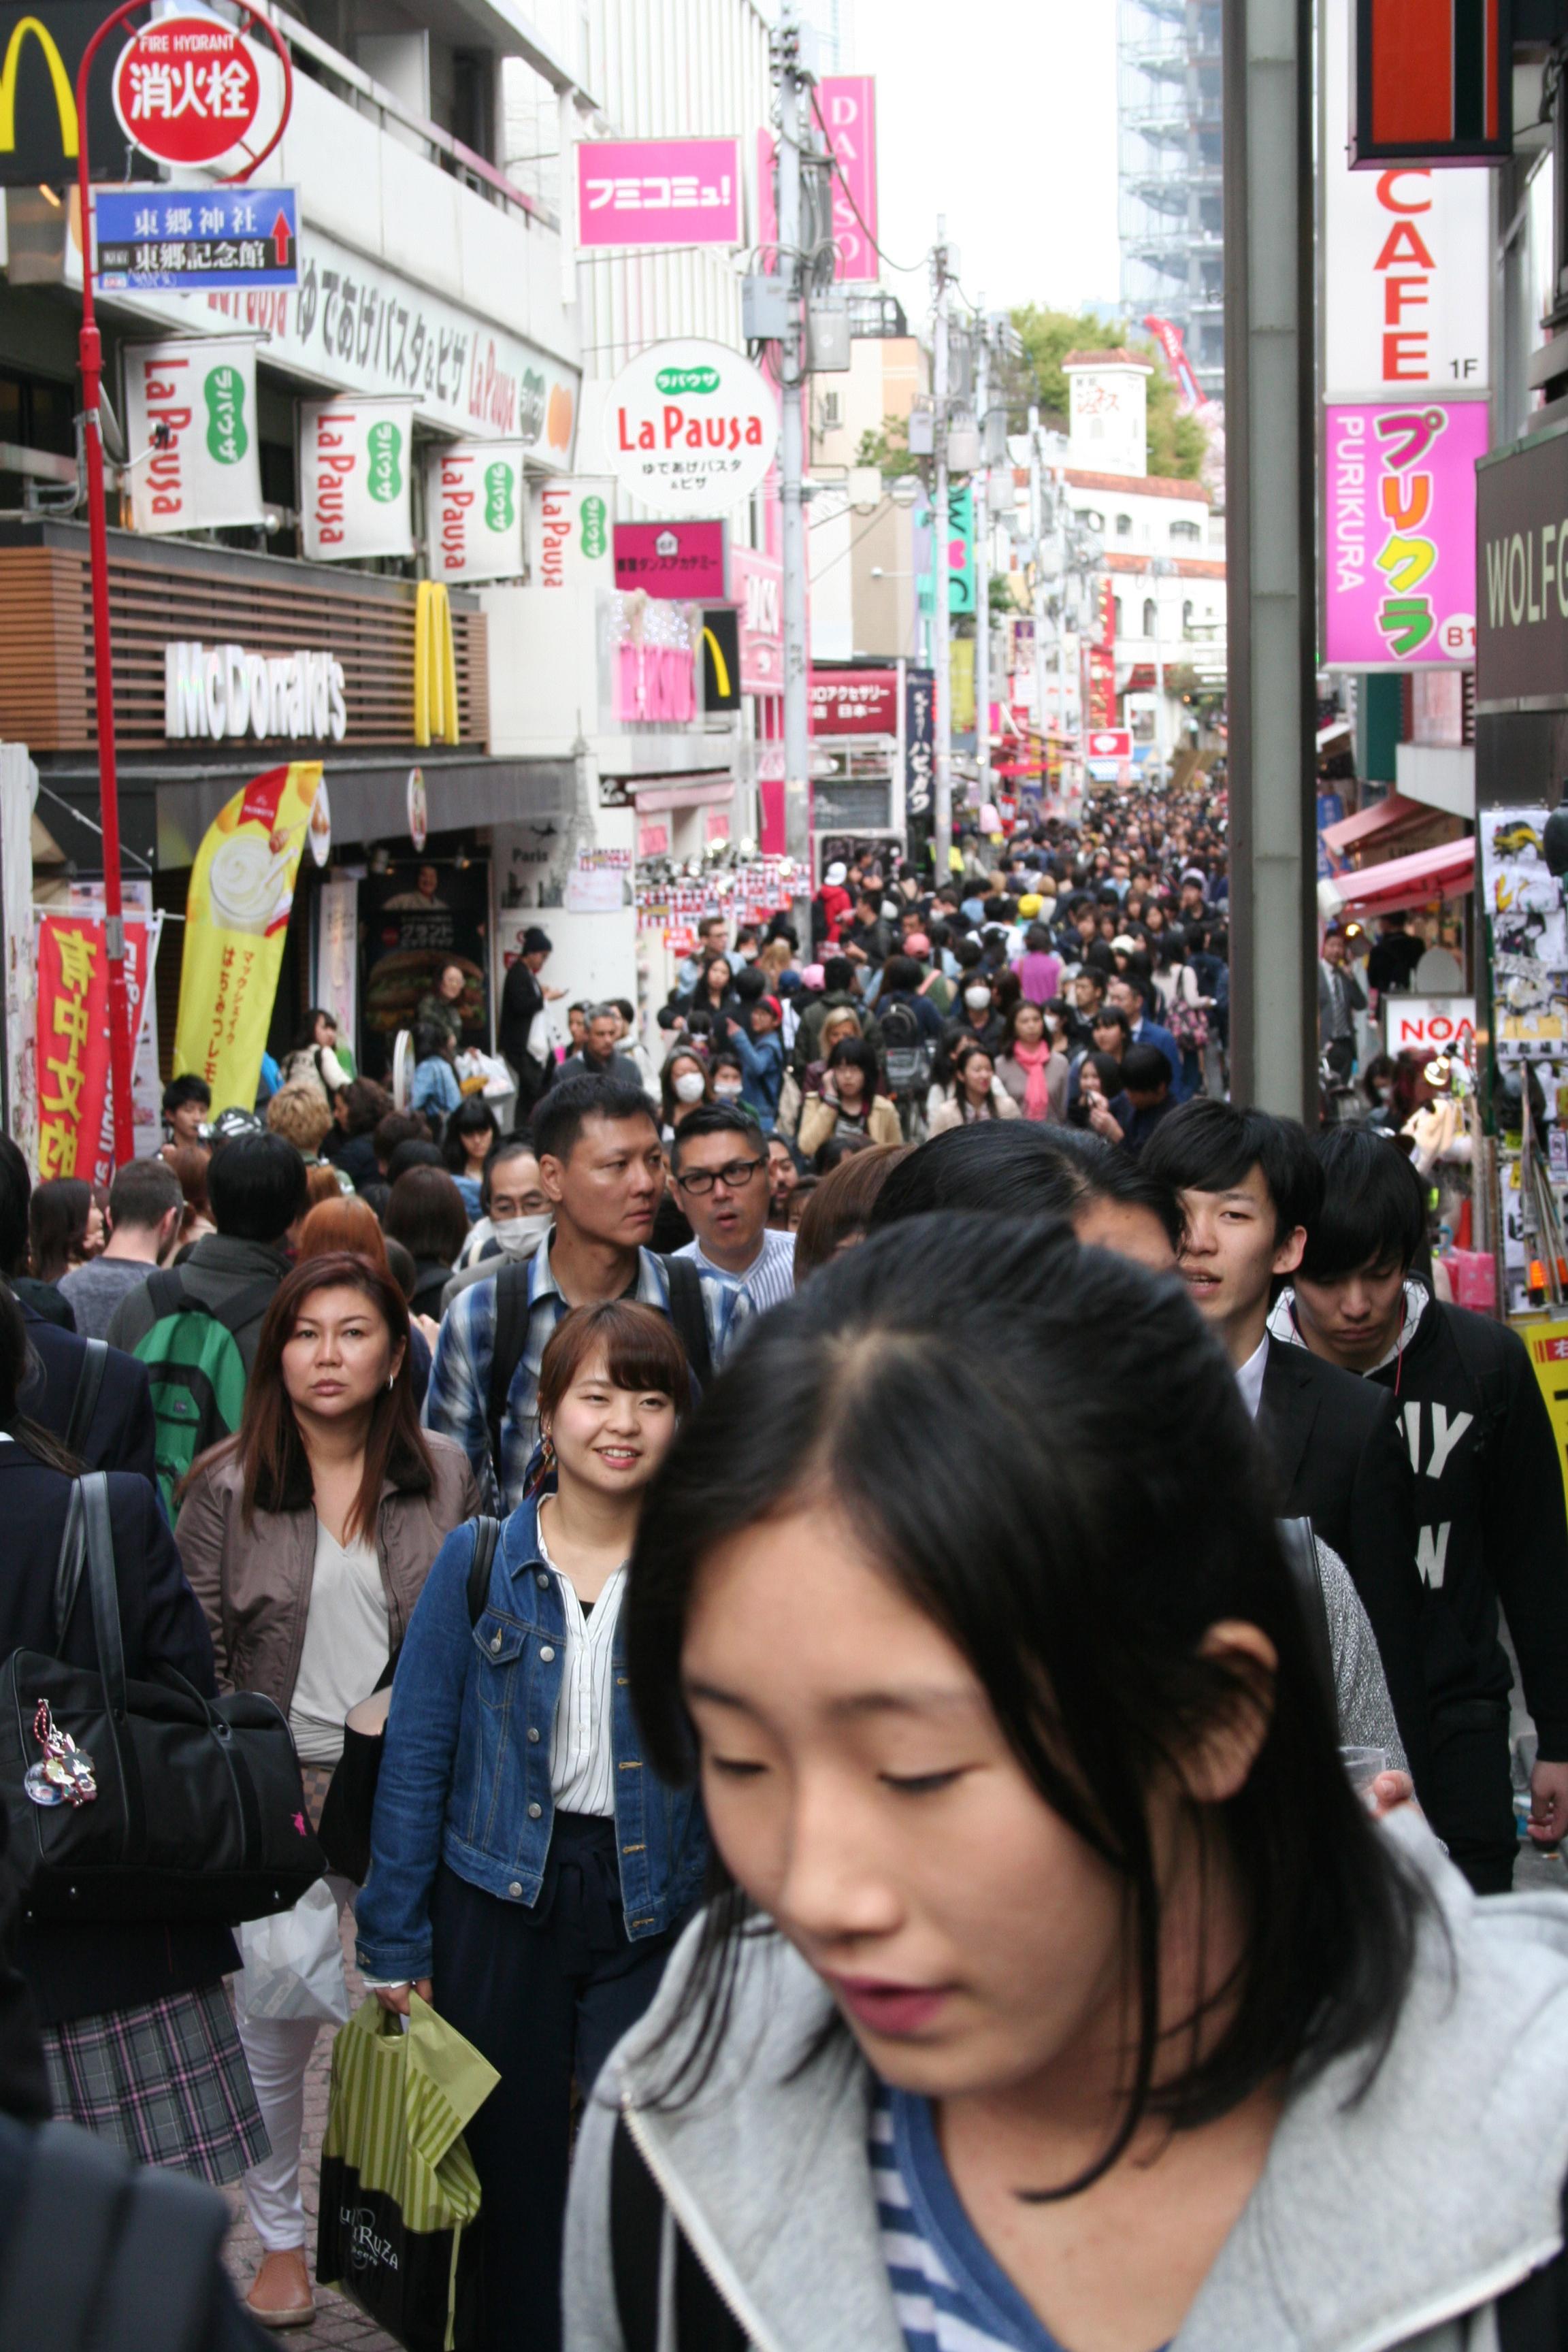 Japan images Tokyo Harajuku HD wallpaper and background photos 2304x3456